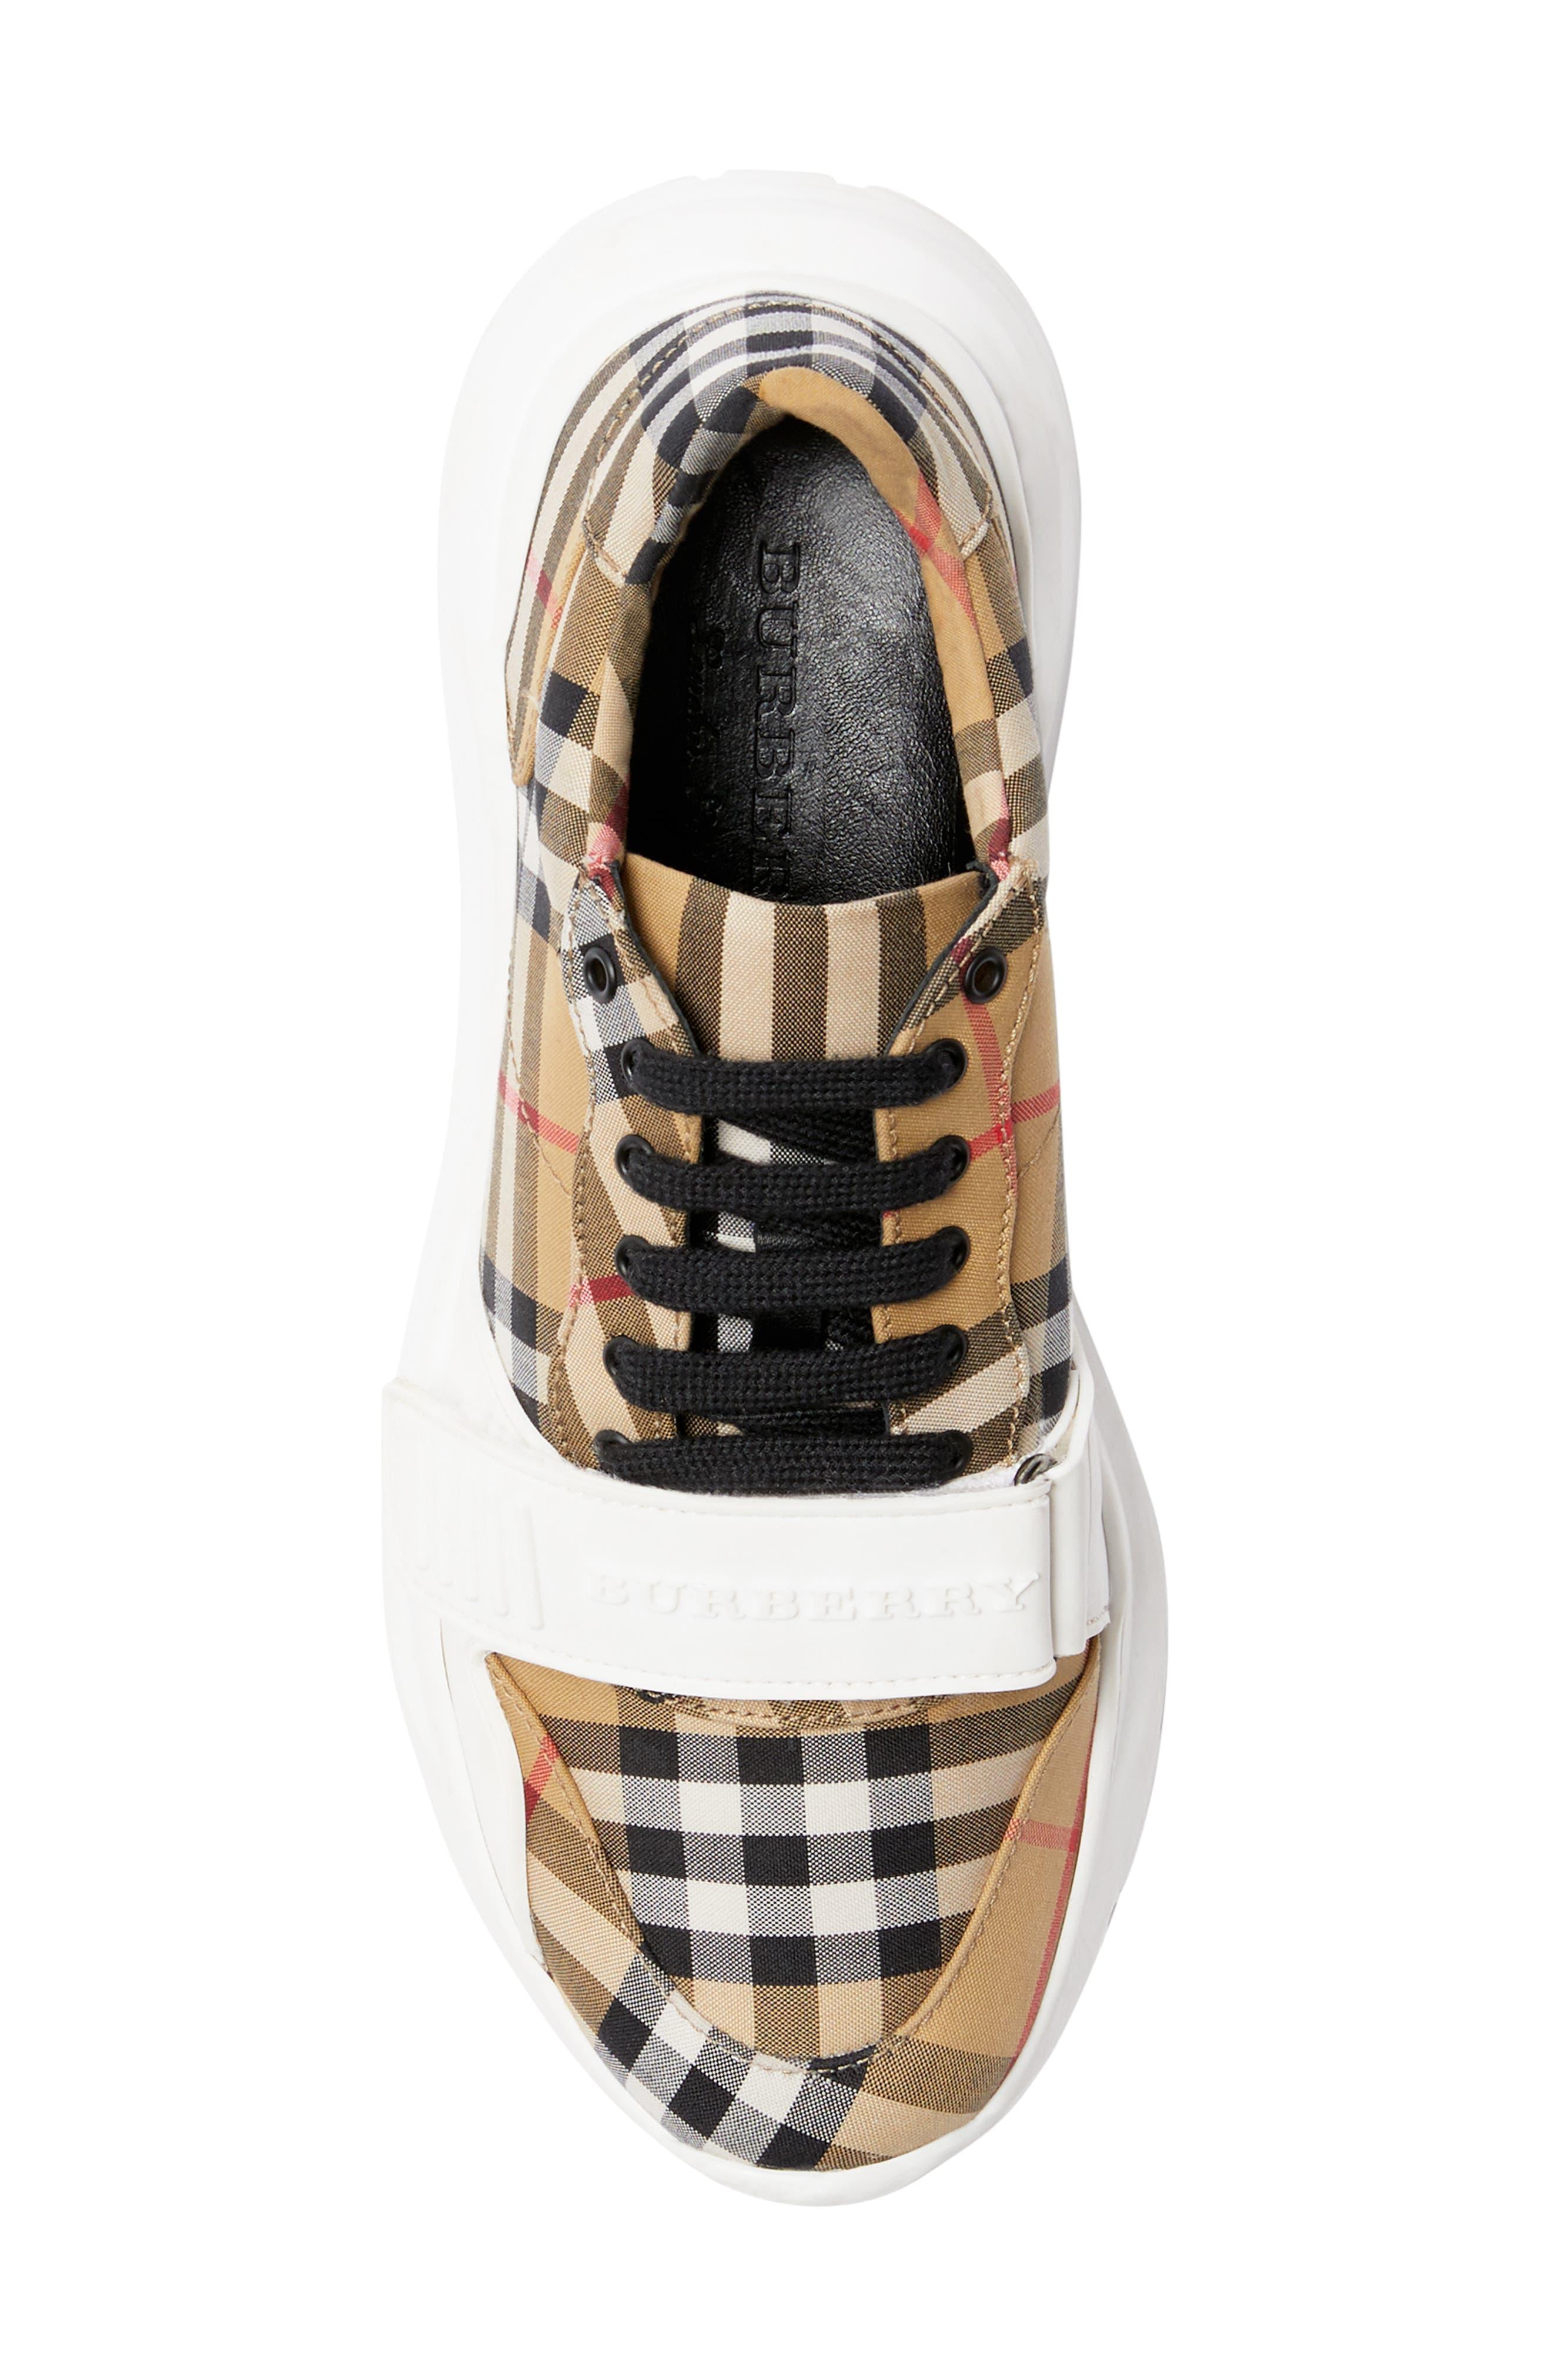 BURBERRY, Regis Check Lace-Up Sneaker, Alternate thumbnail 5, color, BEIGE PLAID